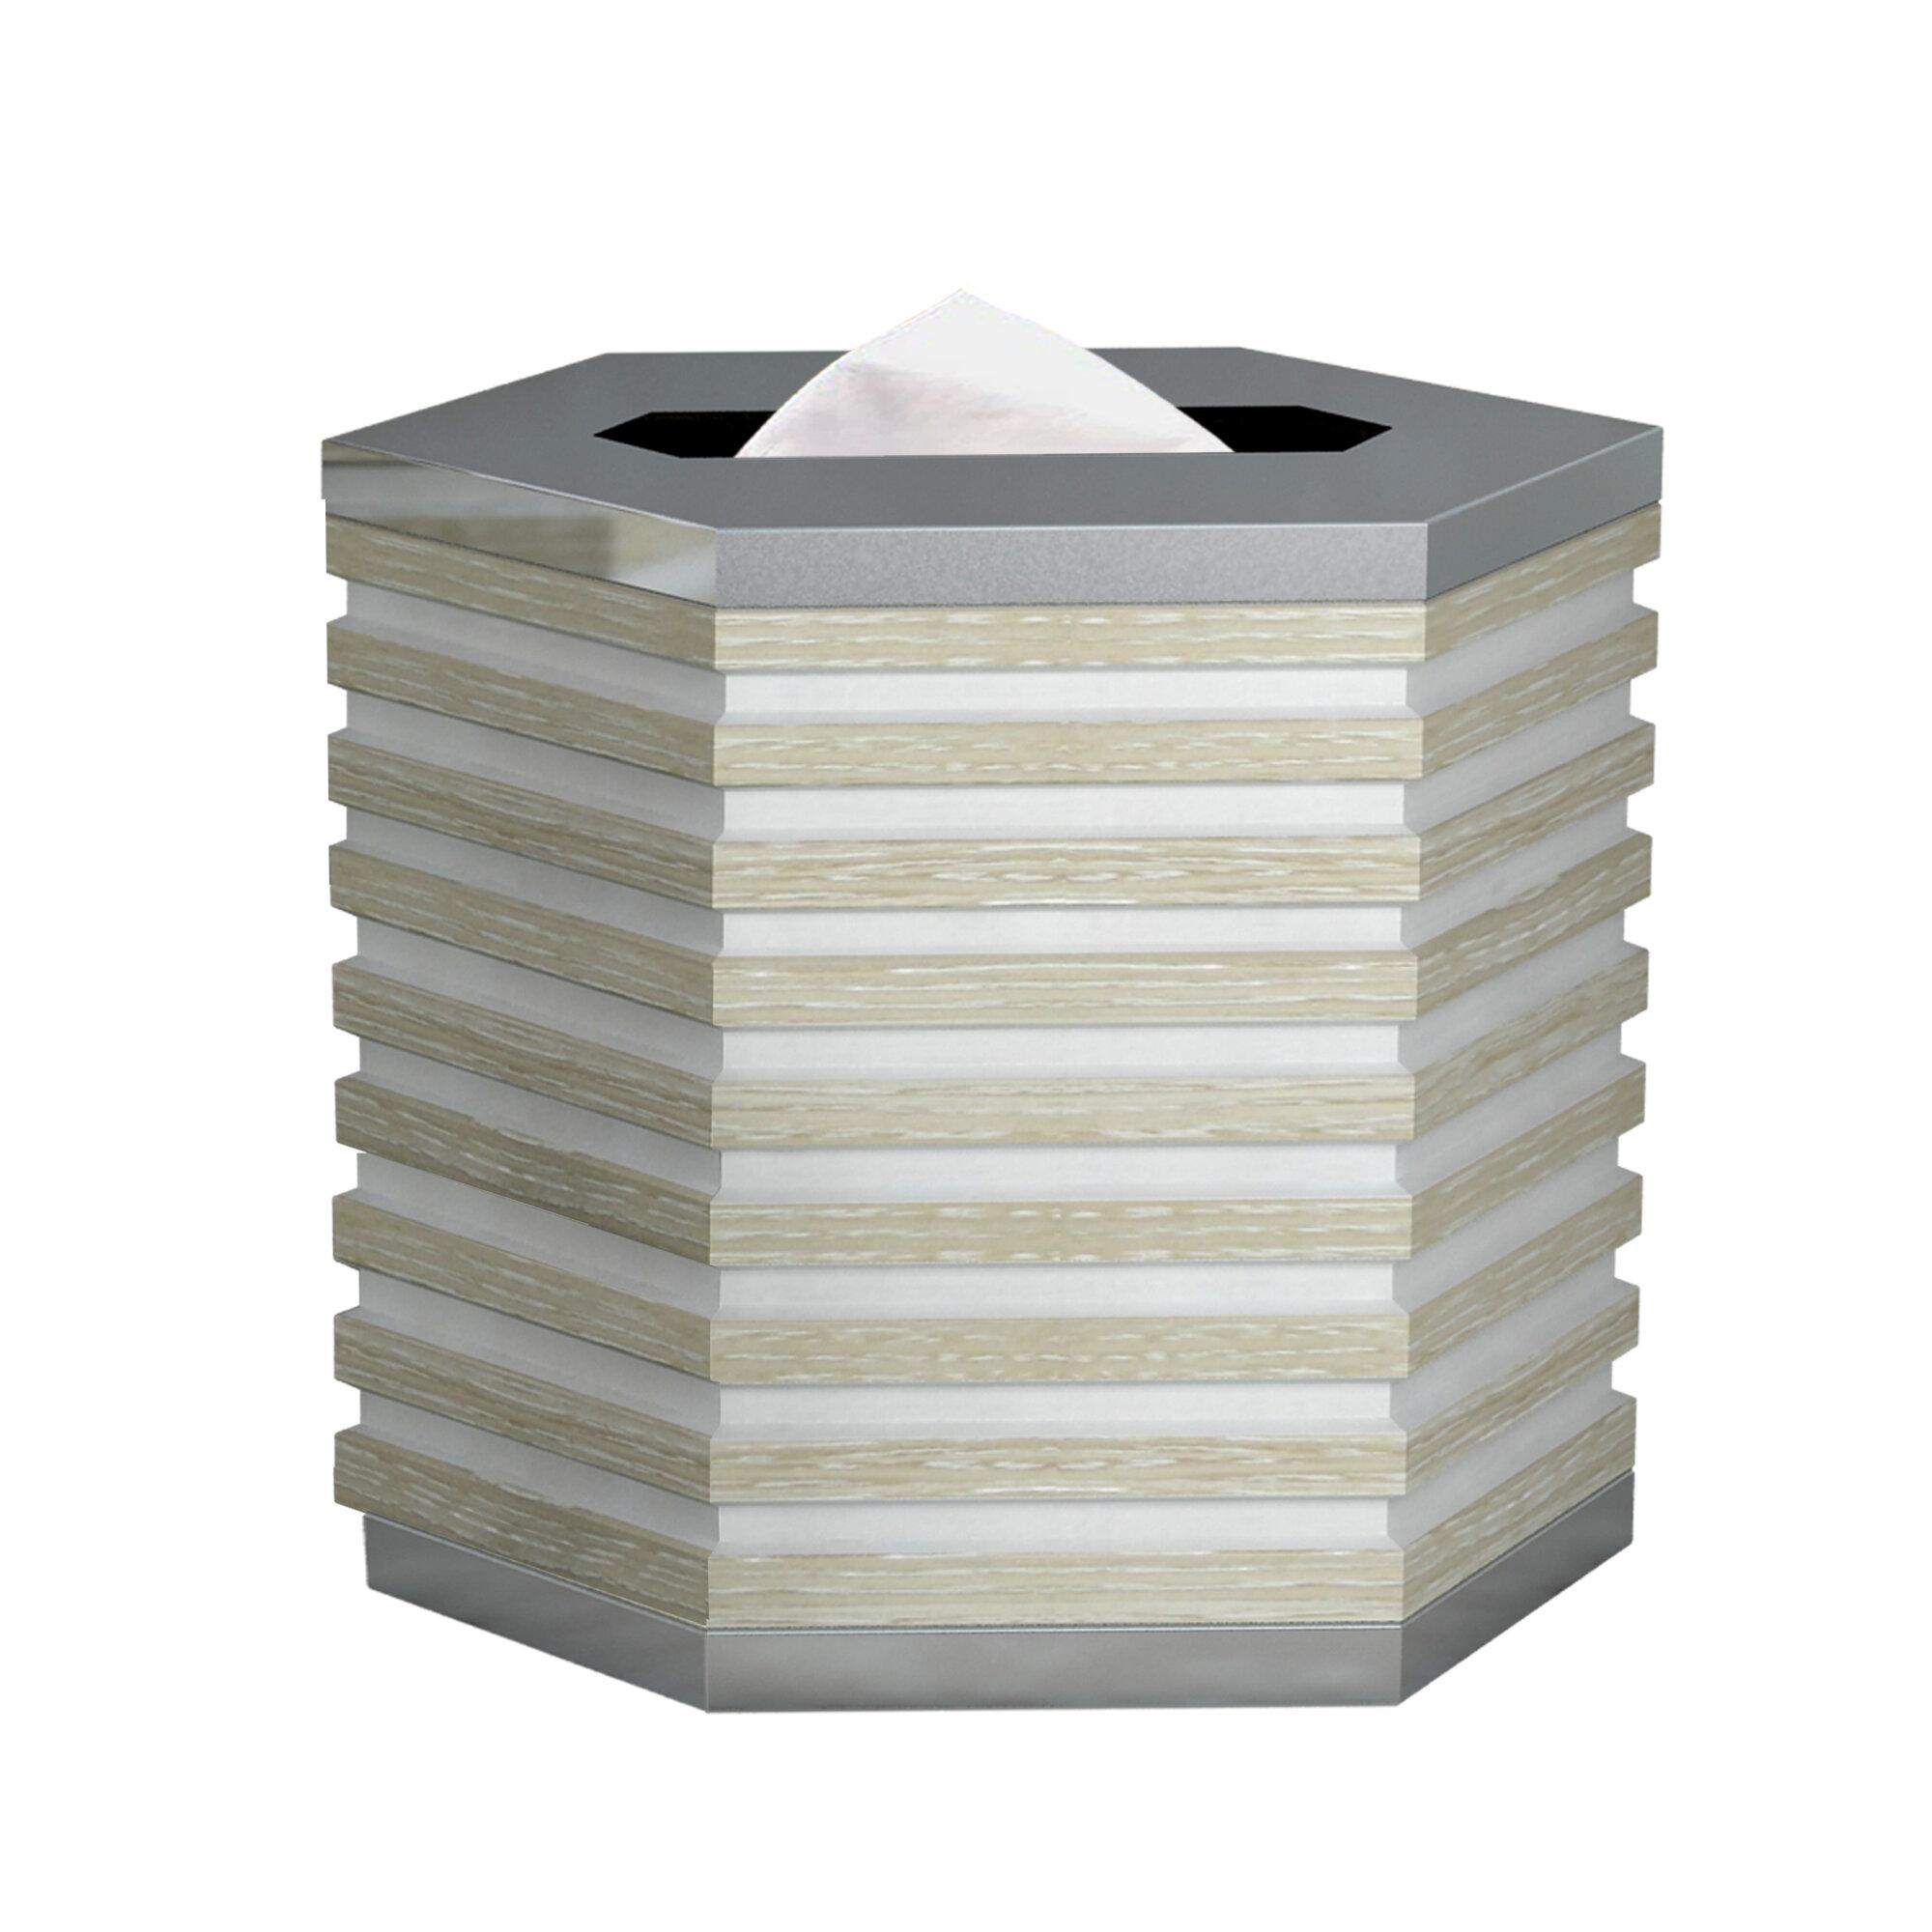 Ebern Designs Coldiron Tissue Box Cover Wayfair